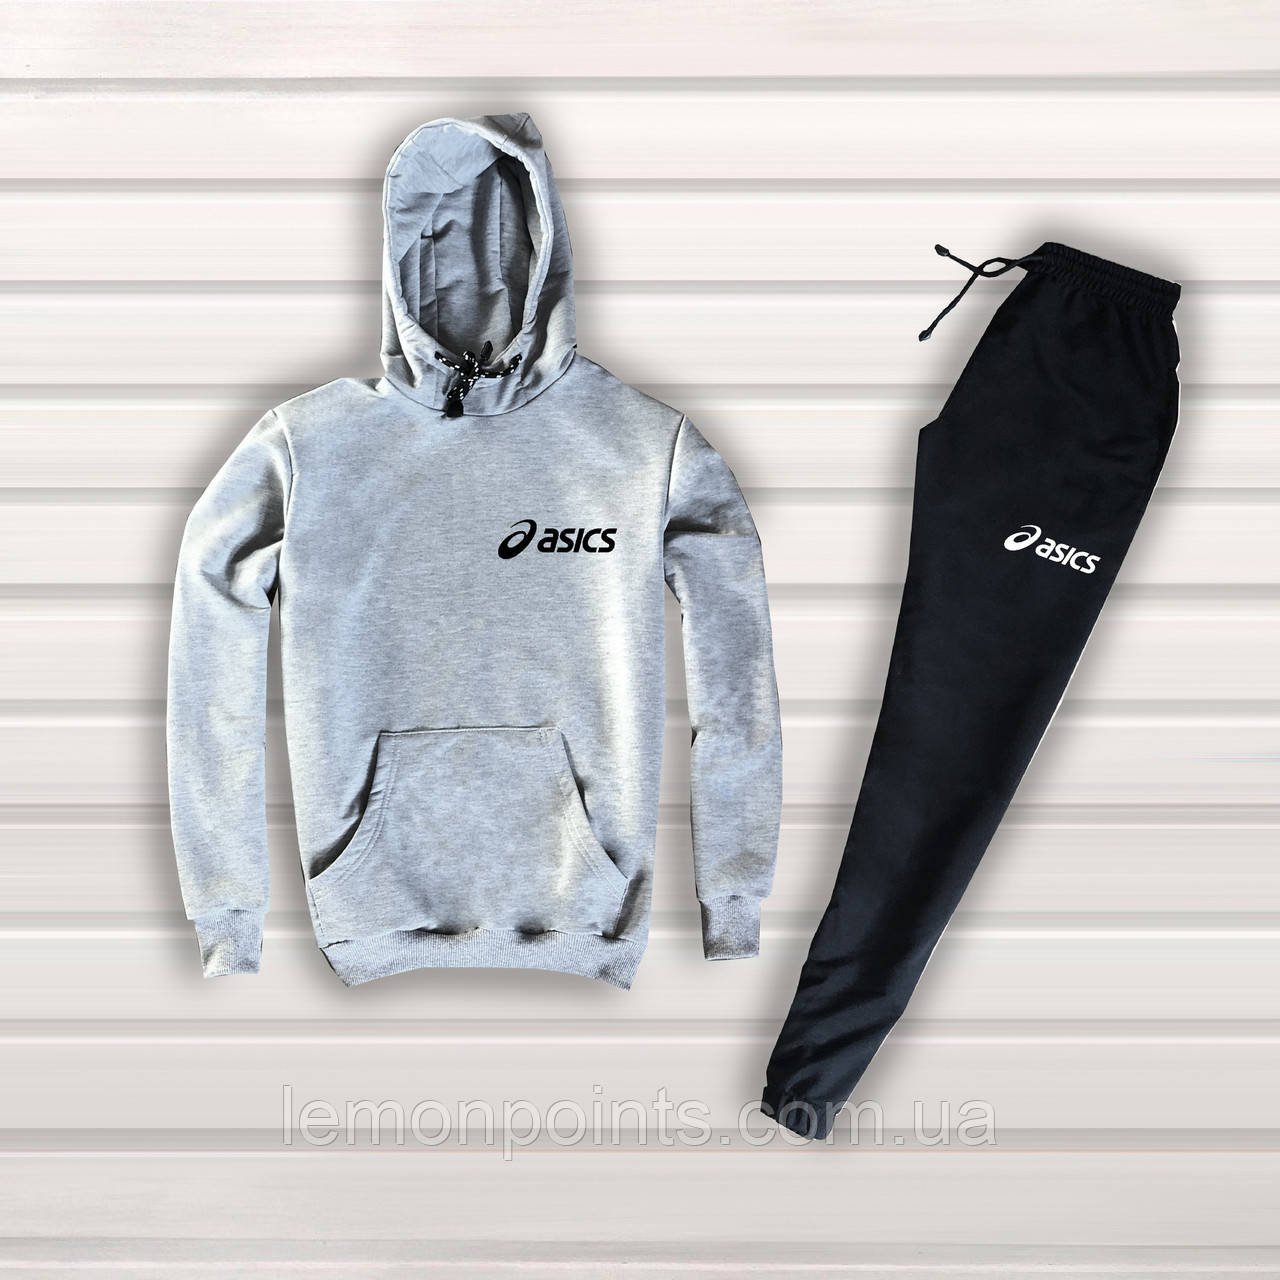 Теплий спортивний костюм ФЛИС (до -25 °С) Asics (Чорний+Сірий)